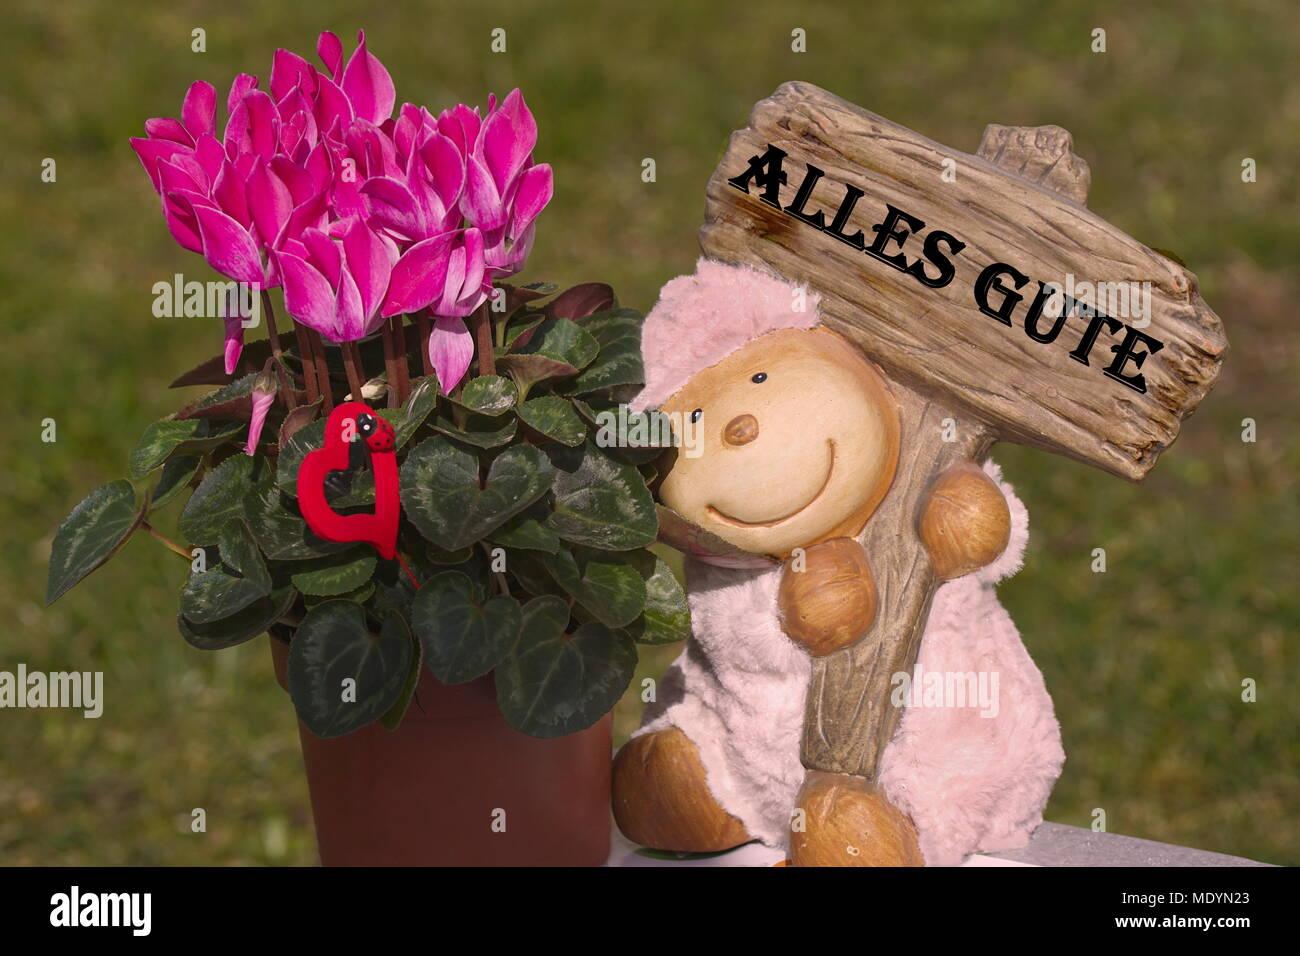 Alles Gute Glückwünsche mit Alpenveilchen und Schäfchen Stock Photo